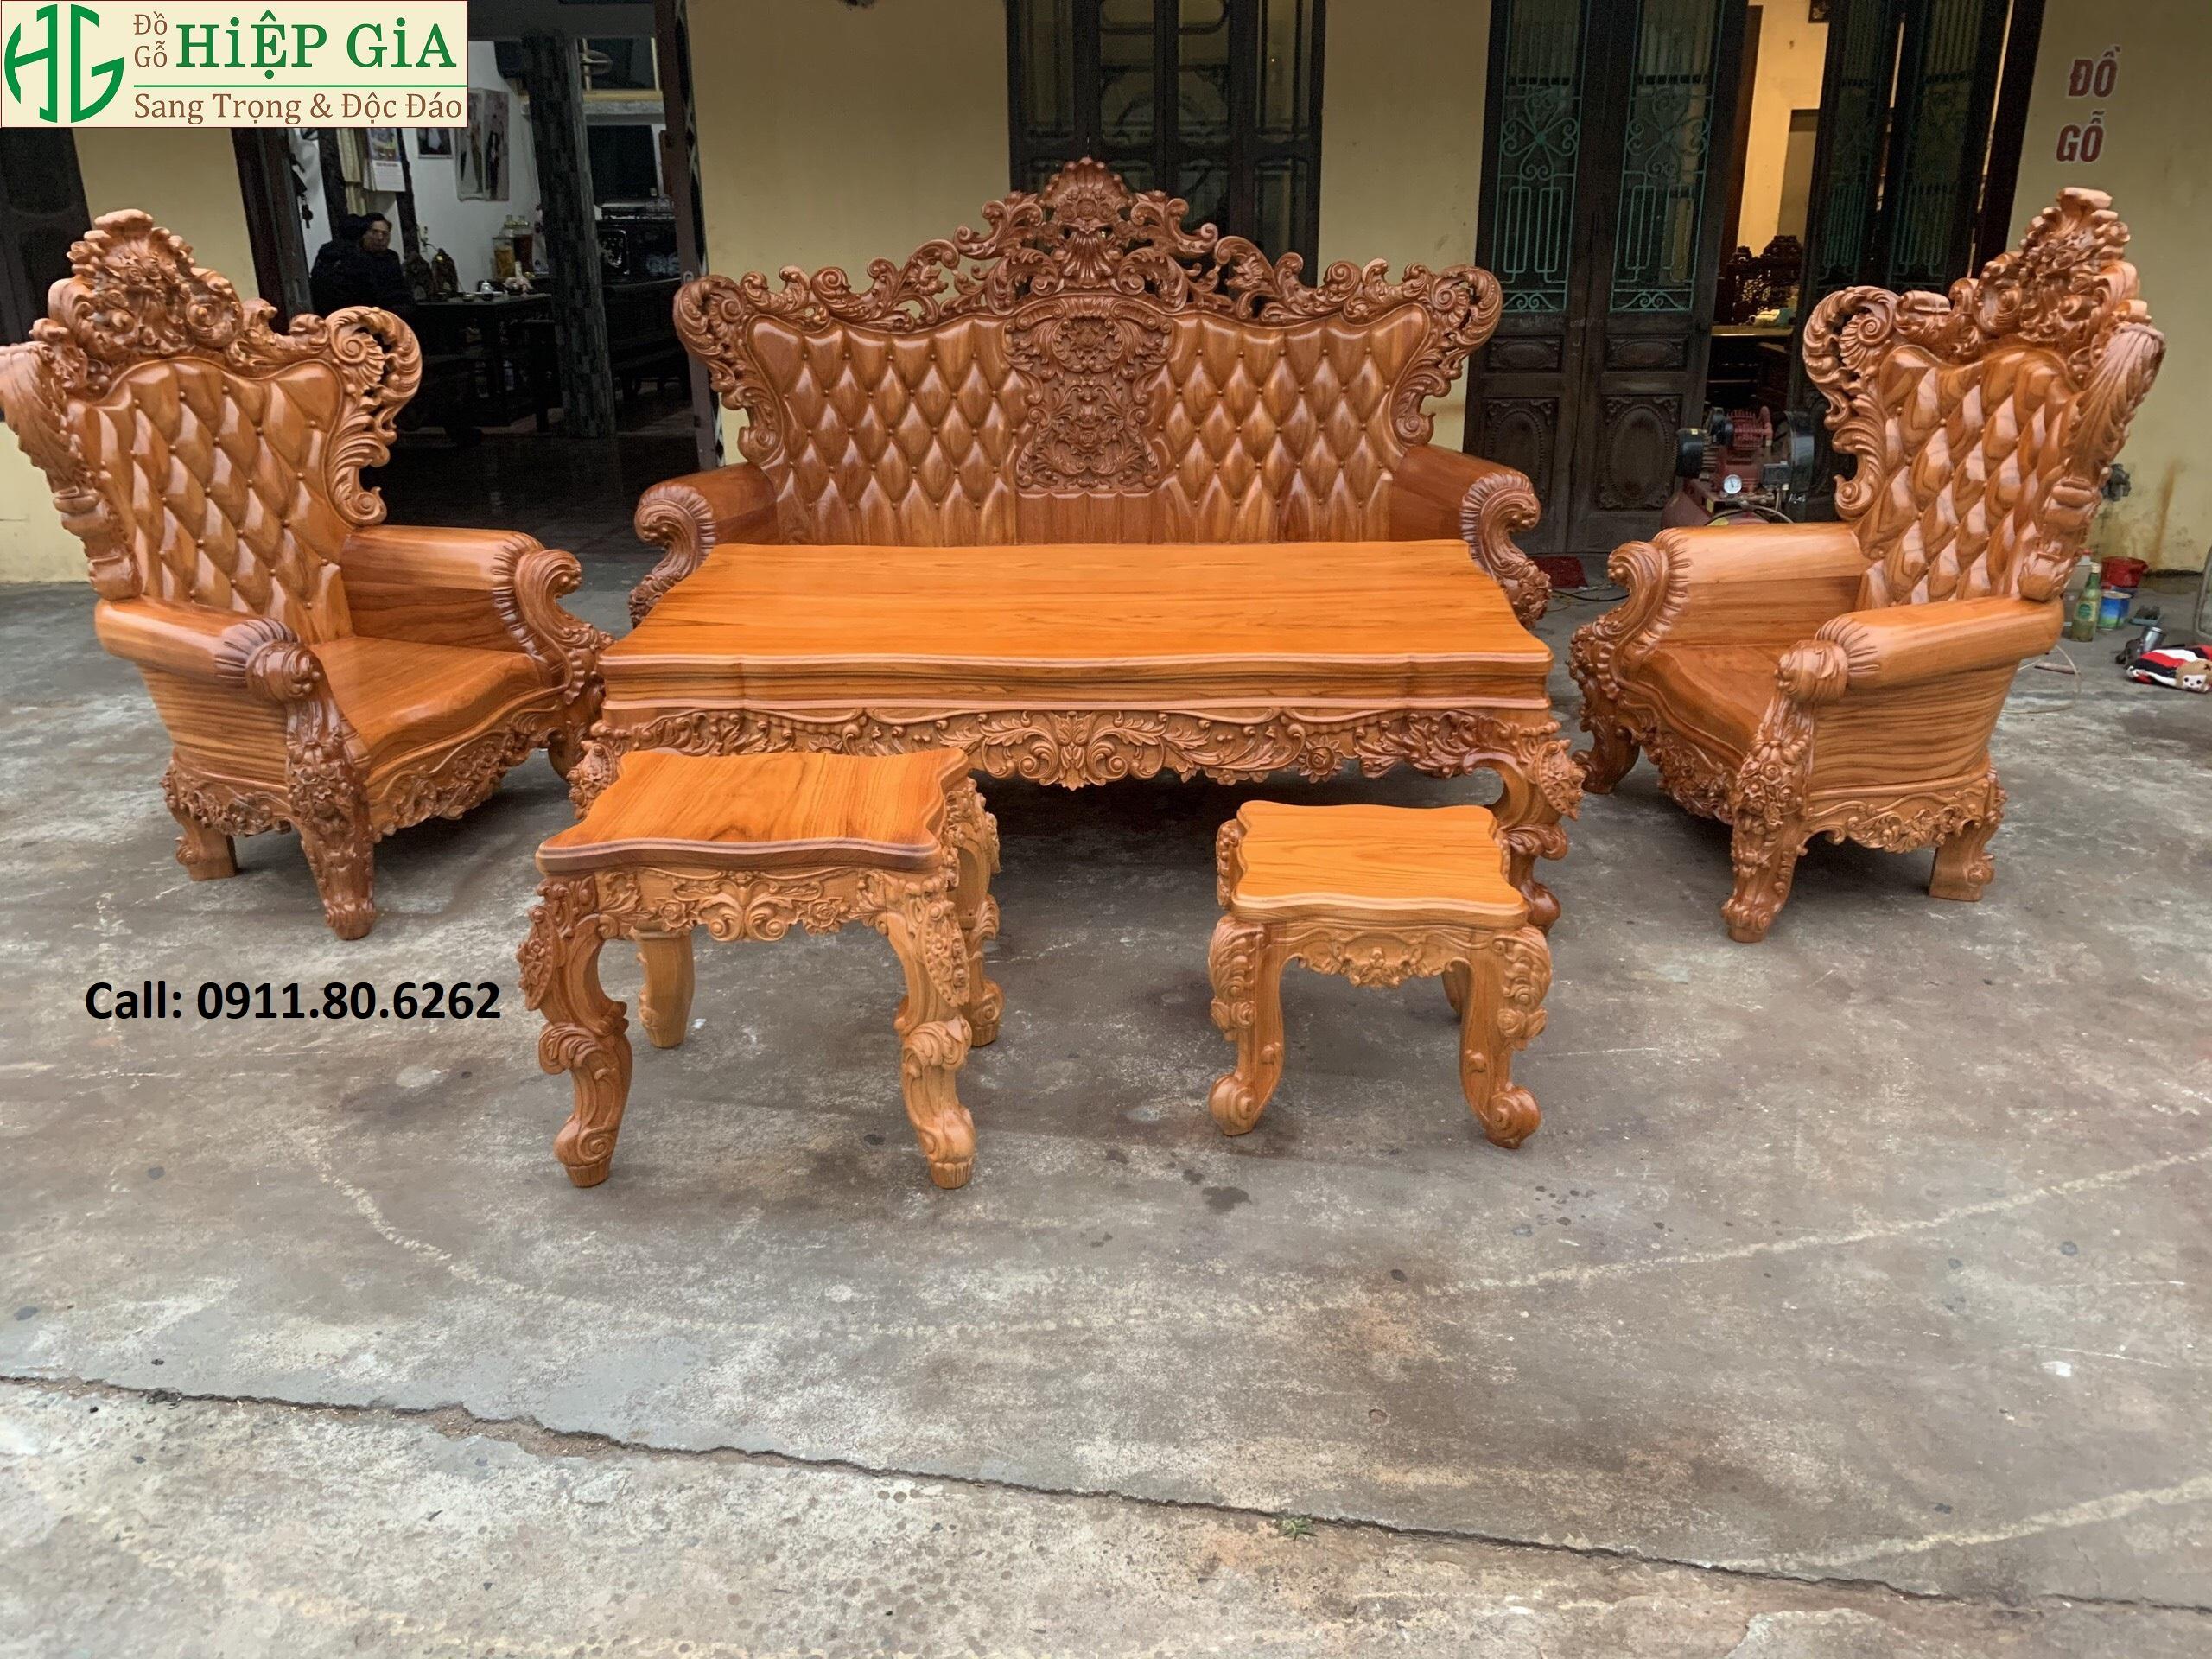 Sofa louis hoang gia 34 - Sofa Louis Hoàng Gia MS: 64